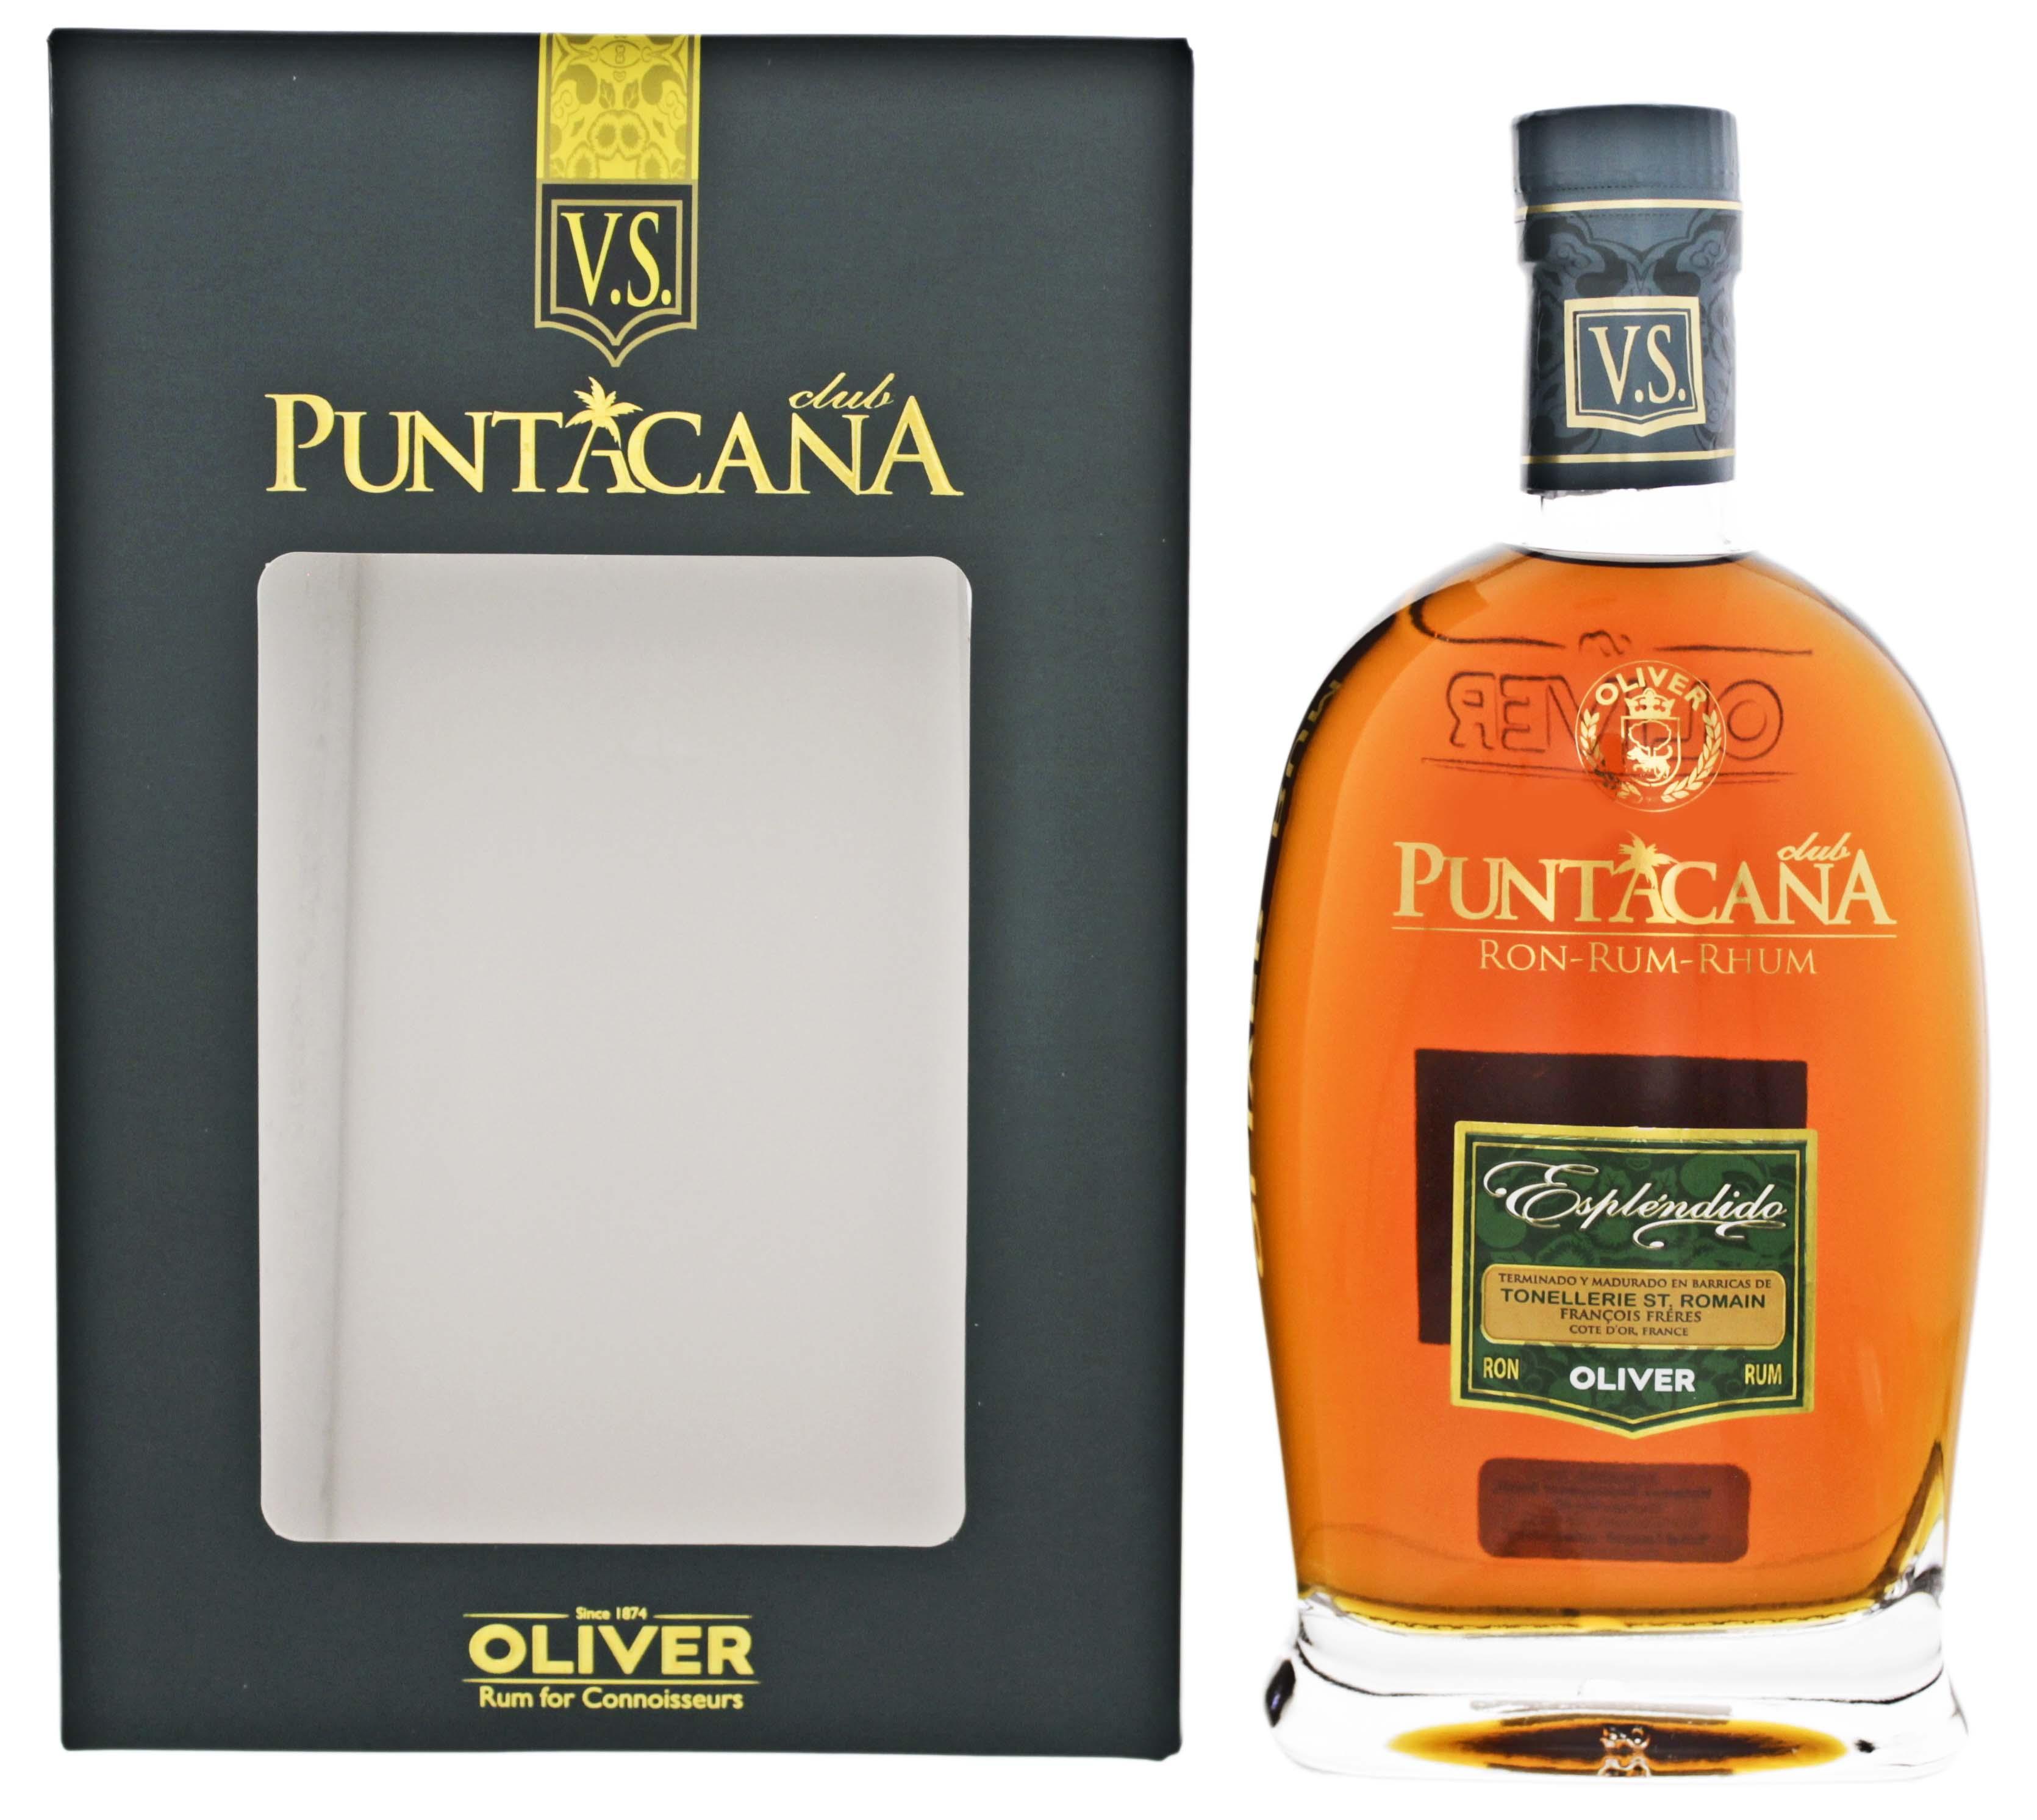 Puntacana Club Esplendido VS 0,7L